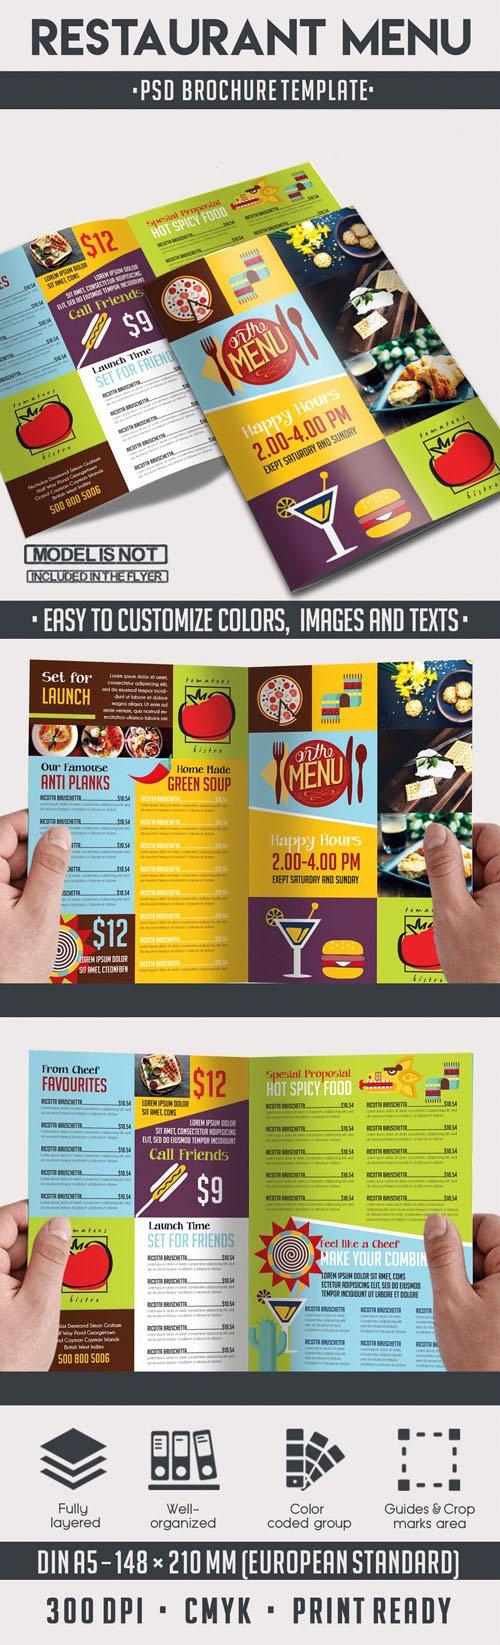 Bi Fold Menu Template Fresh Restaurant Menu Bi Fold Psd Brochure Template Downturk